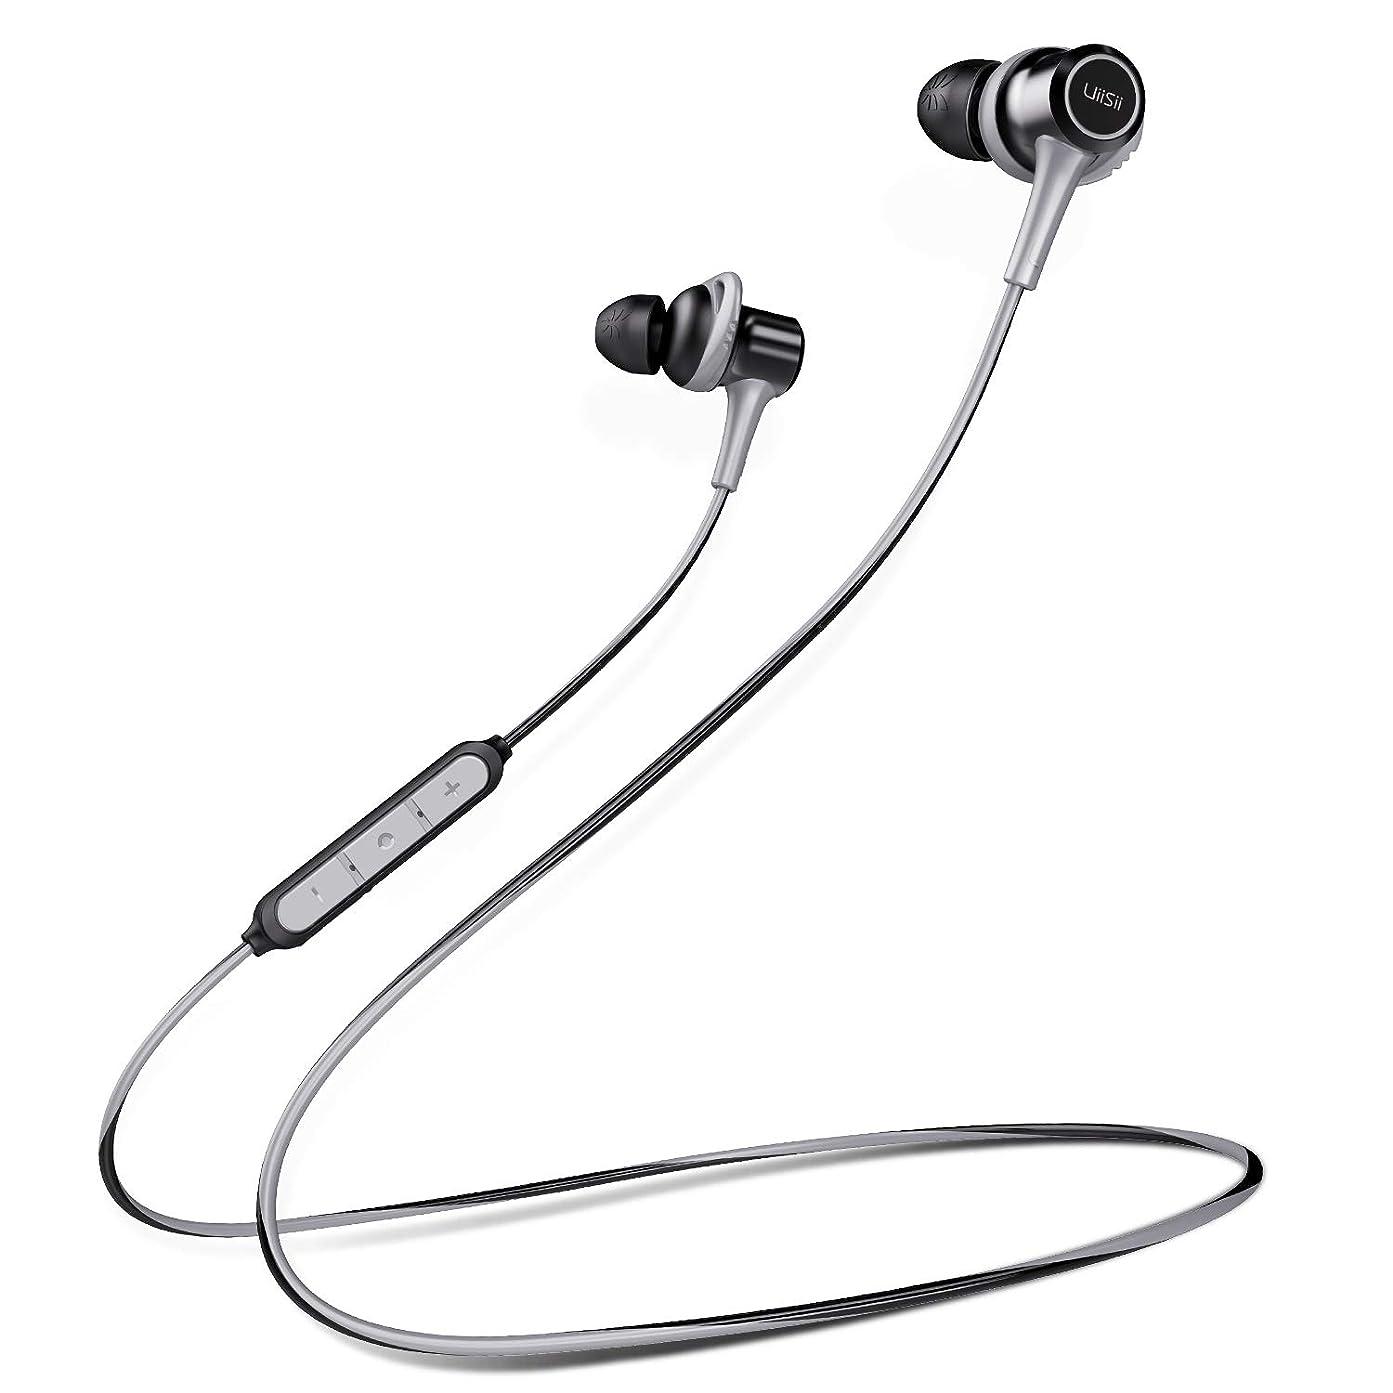 挨拶劇場シェア【最新改善版】 SoundPEATS(サウンドピーツ) Truengine ワイヤレスイヤホン デュアルドライバー イヤホン 高音質 AAC対応 Bluetooth5.0 完全ワイヤレス イヤホン IPX6防水 自動ペアリング 左右分離型 両耳/片耳対応 マイク内蔵 両耳通話 音量調整可能 Bluetooth イヤホン TWS ブルートゥース ヘッドホン フルワイヤレス ヘッドセット[メーカー1年保証] ブラック